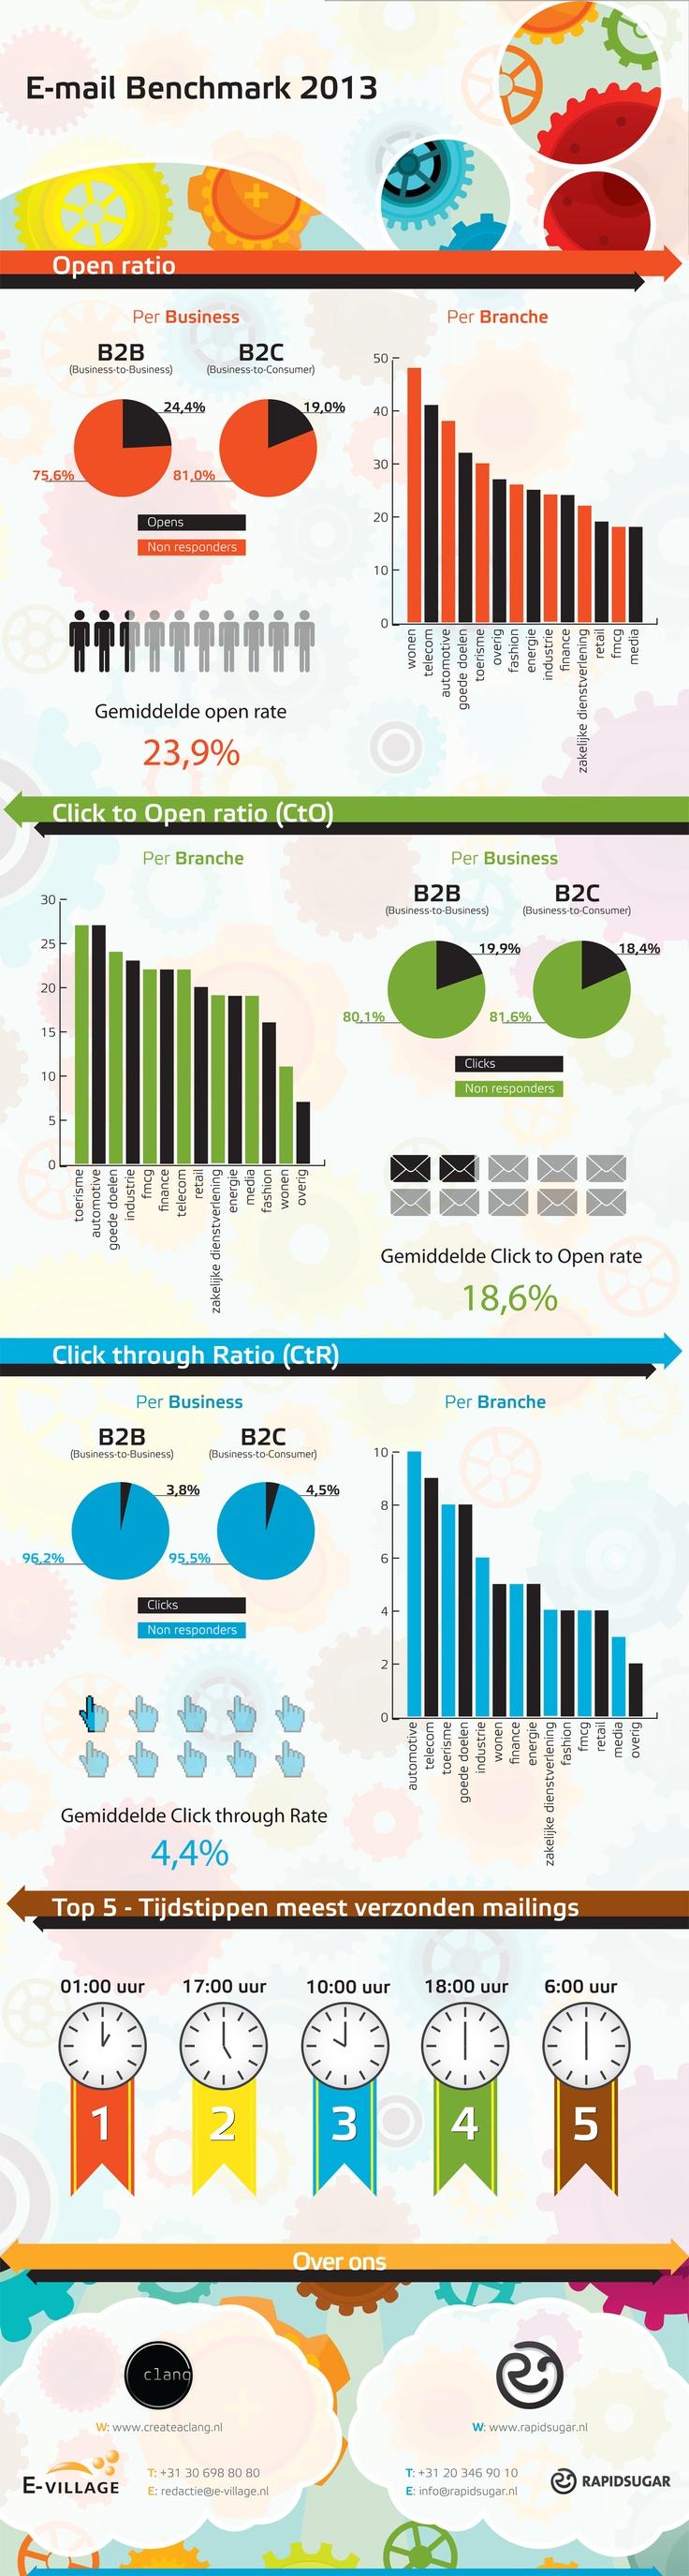 Het meetbare resultaat van een e-mailcampagne [infographic]   C-Works!